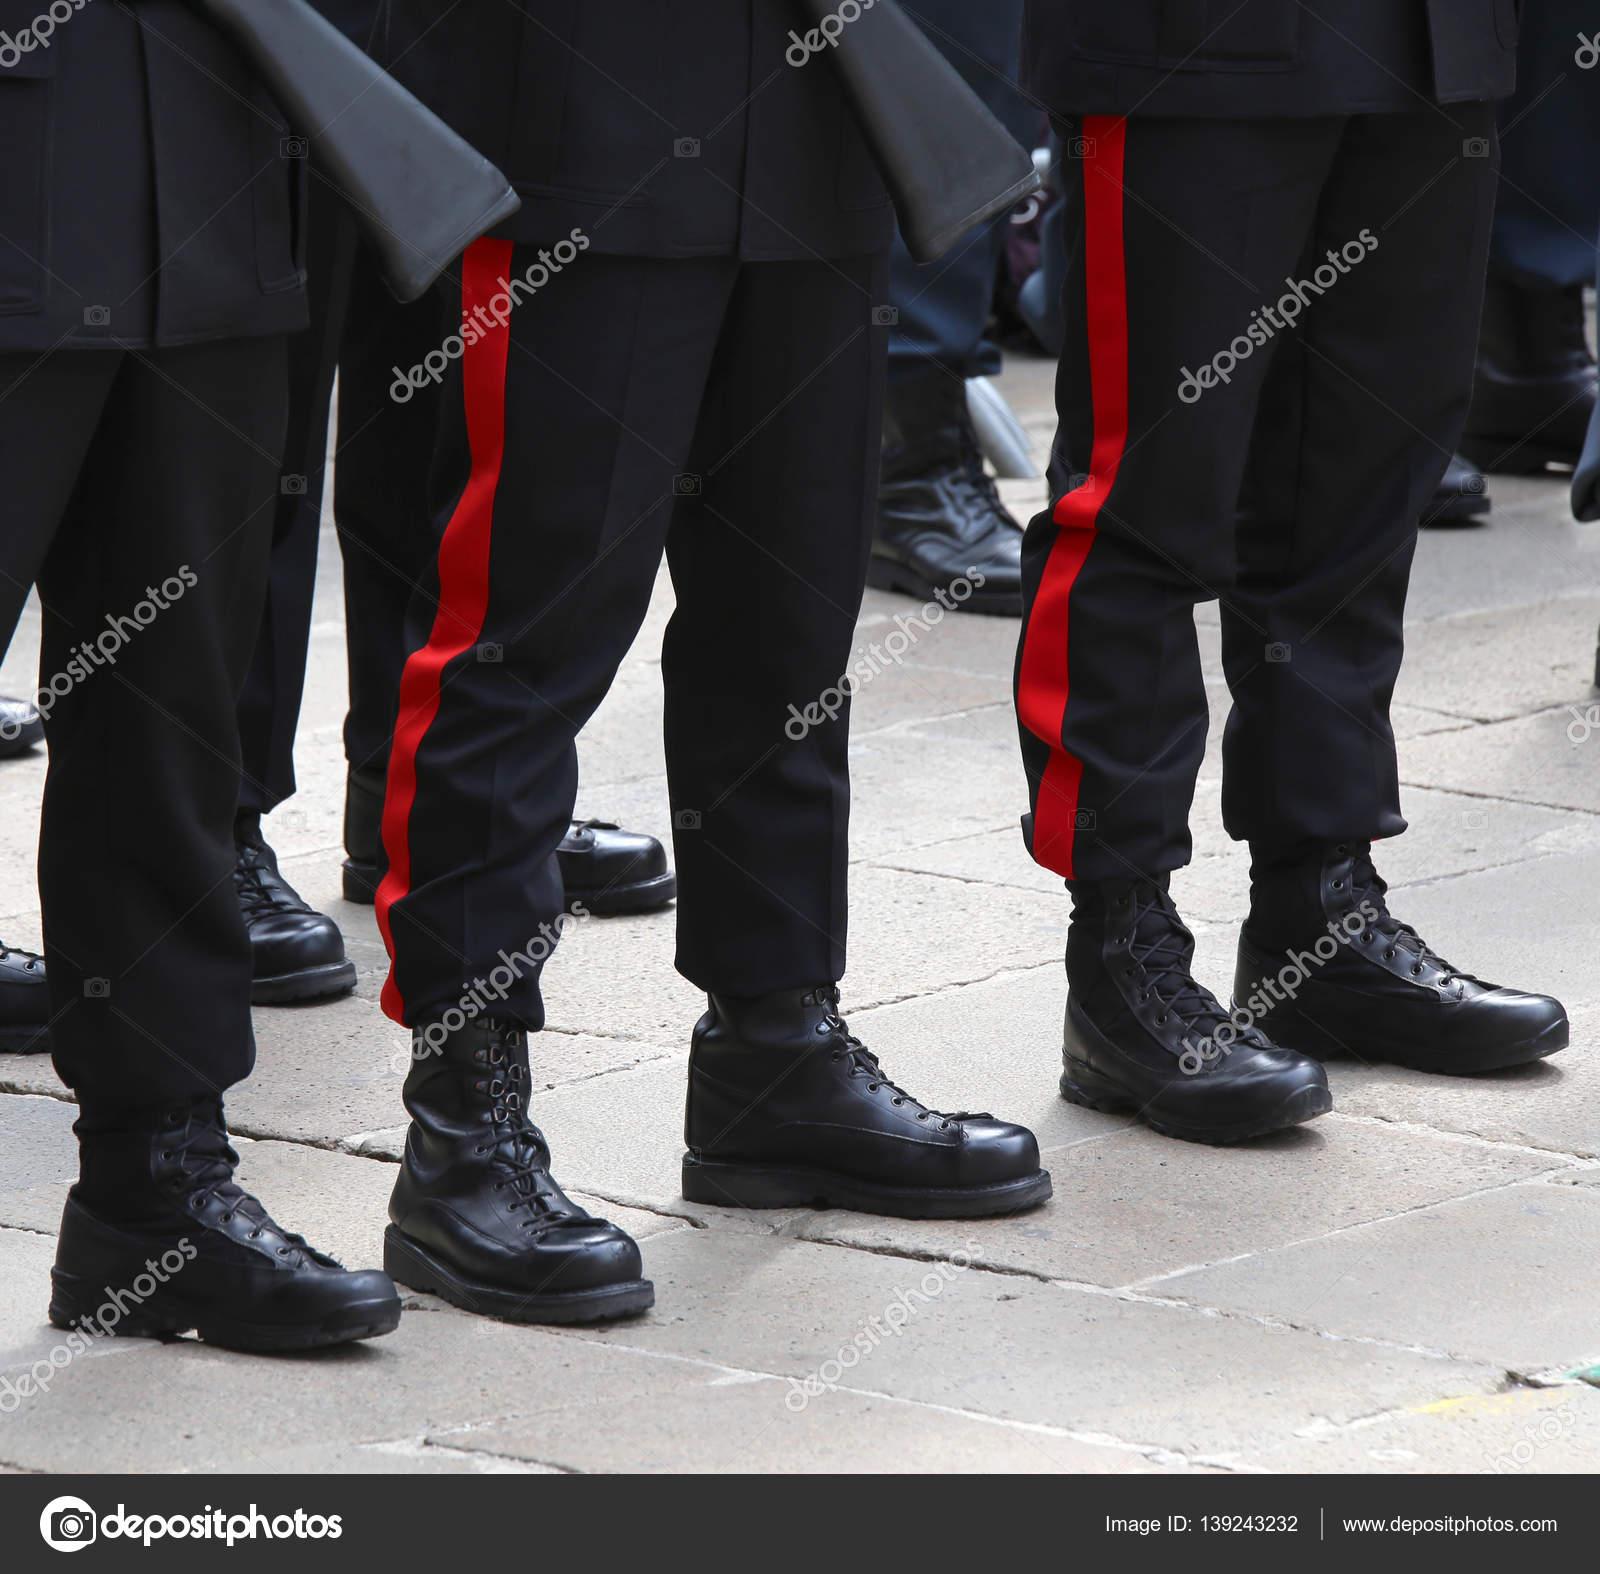 nuovo prodotto e889d 0167e Stivali e pantaloni di poliziotto italiano — Foto Stock ...